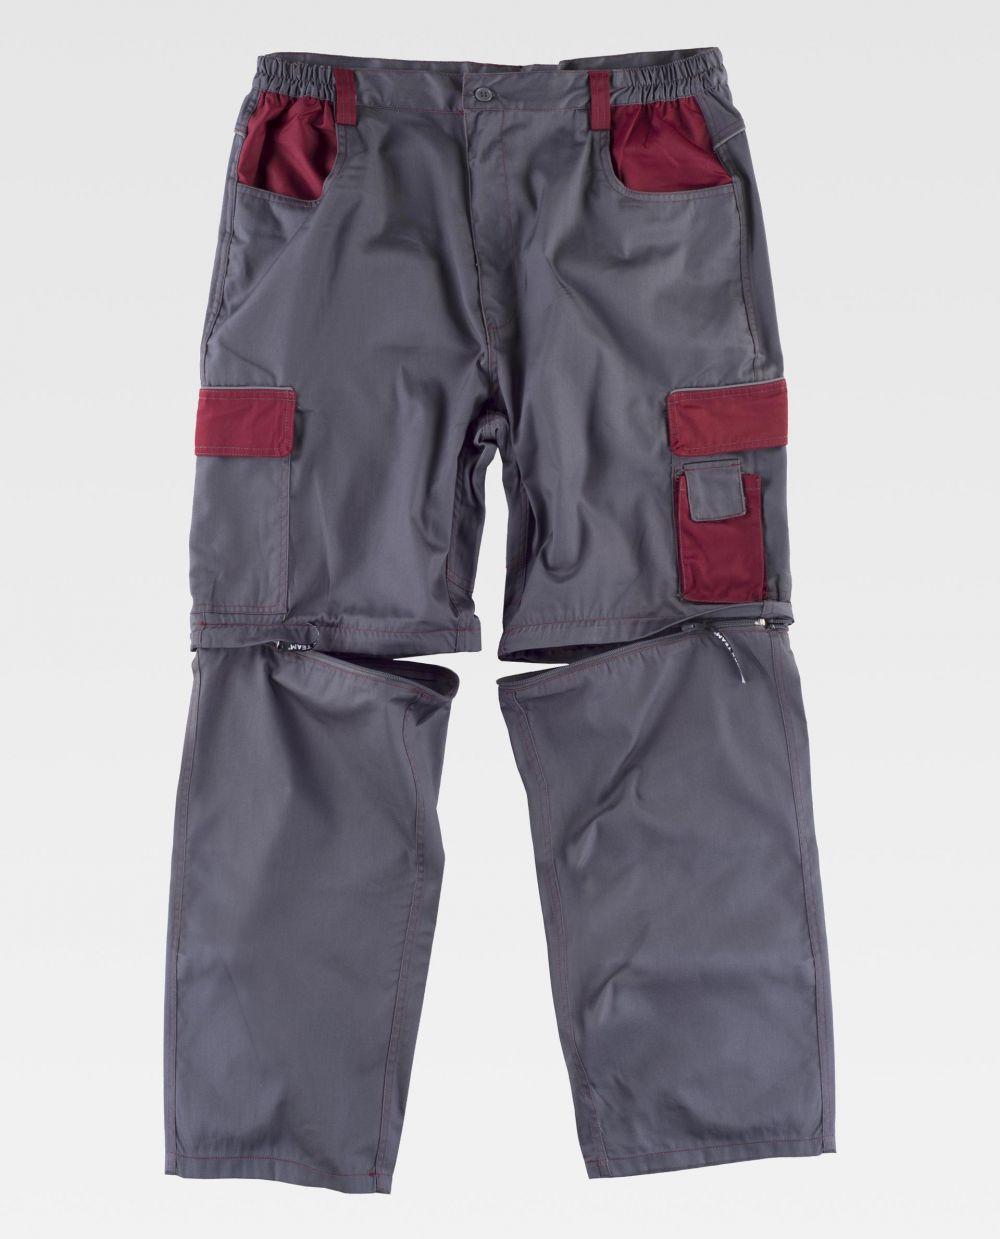 Pantalones de trabajo workteam wf1850 de poliéster vista 2